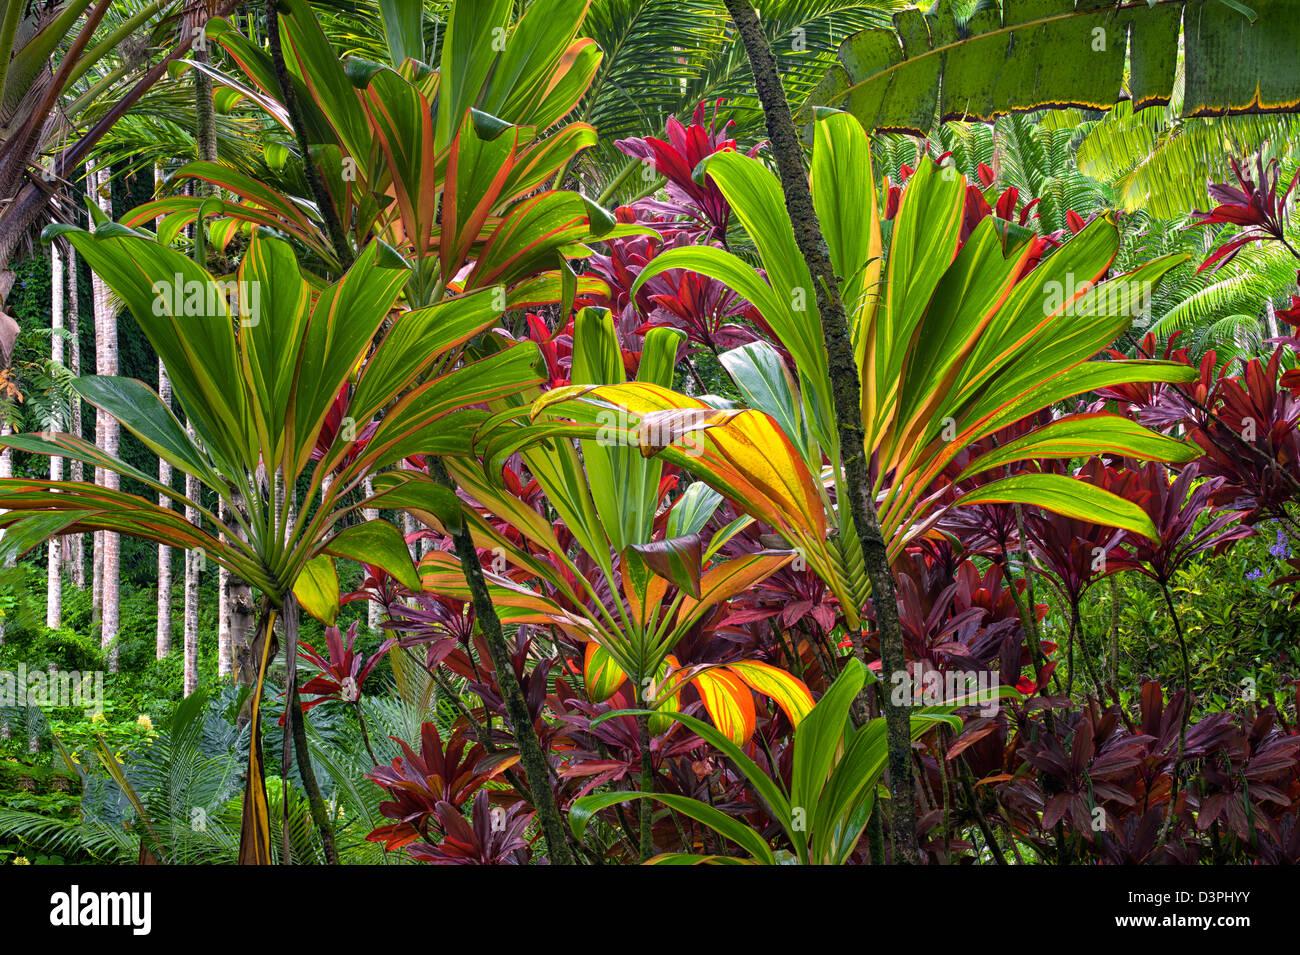 Hawaii Tropical Botanical Gardens. Hawaii, The Big Island.